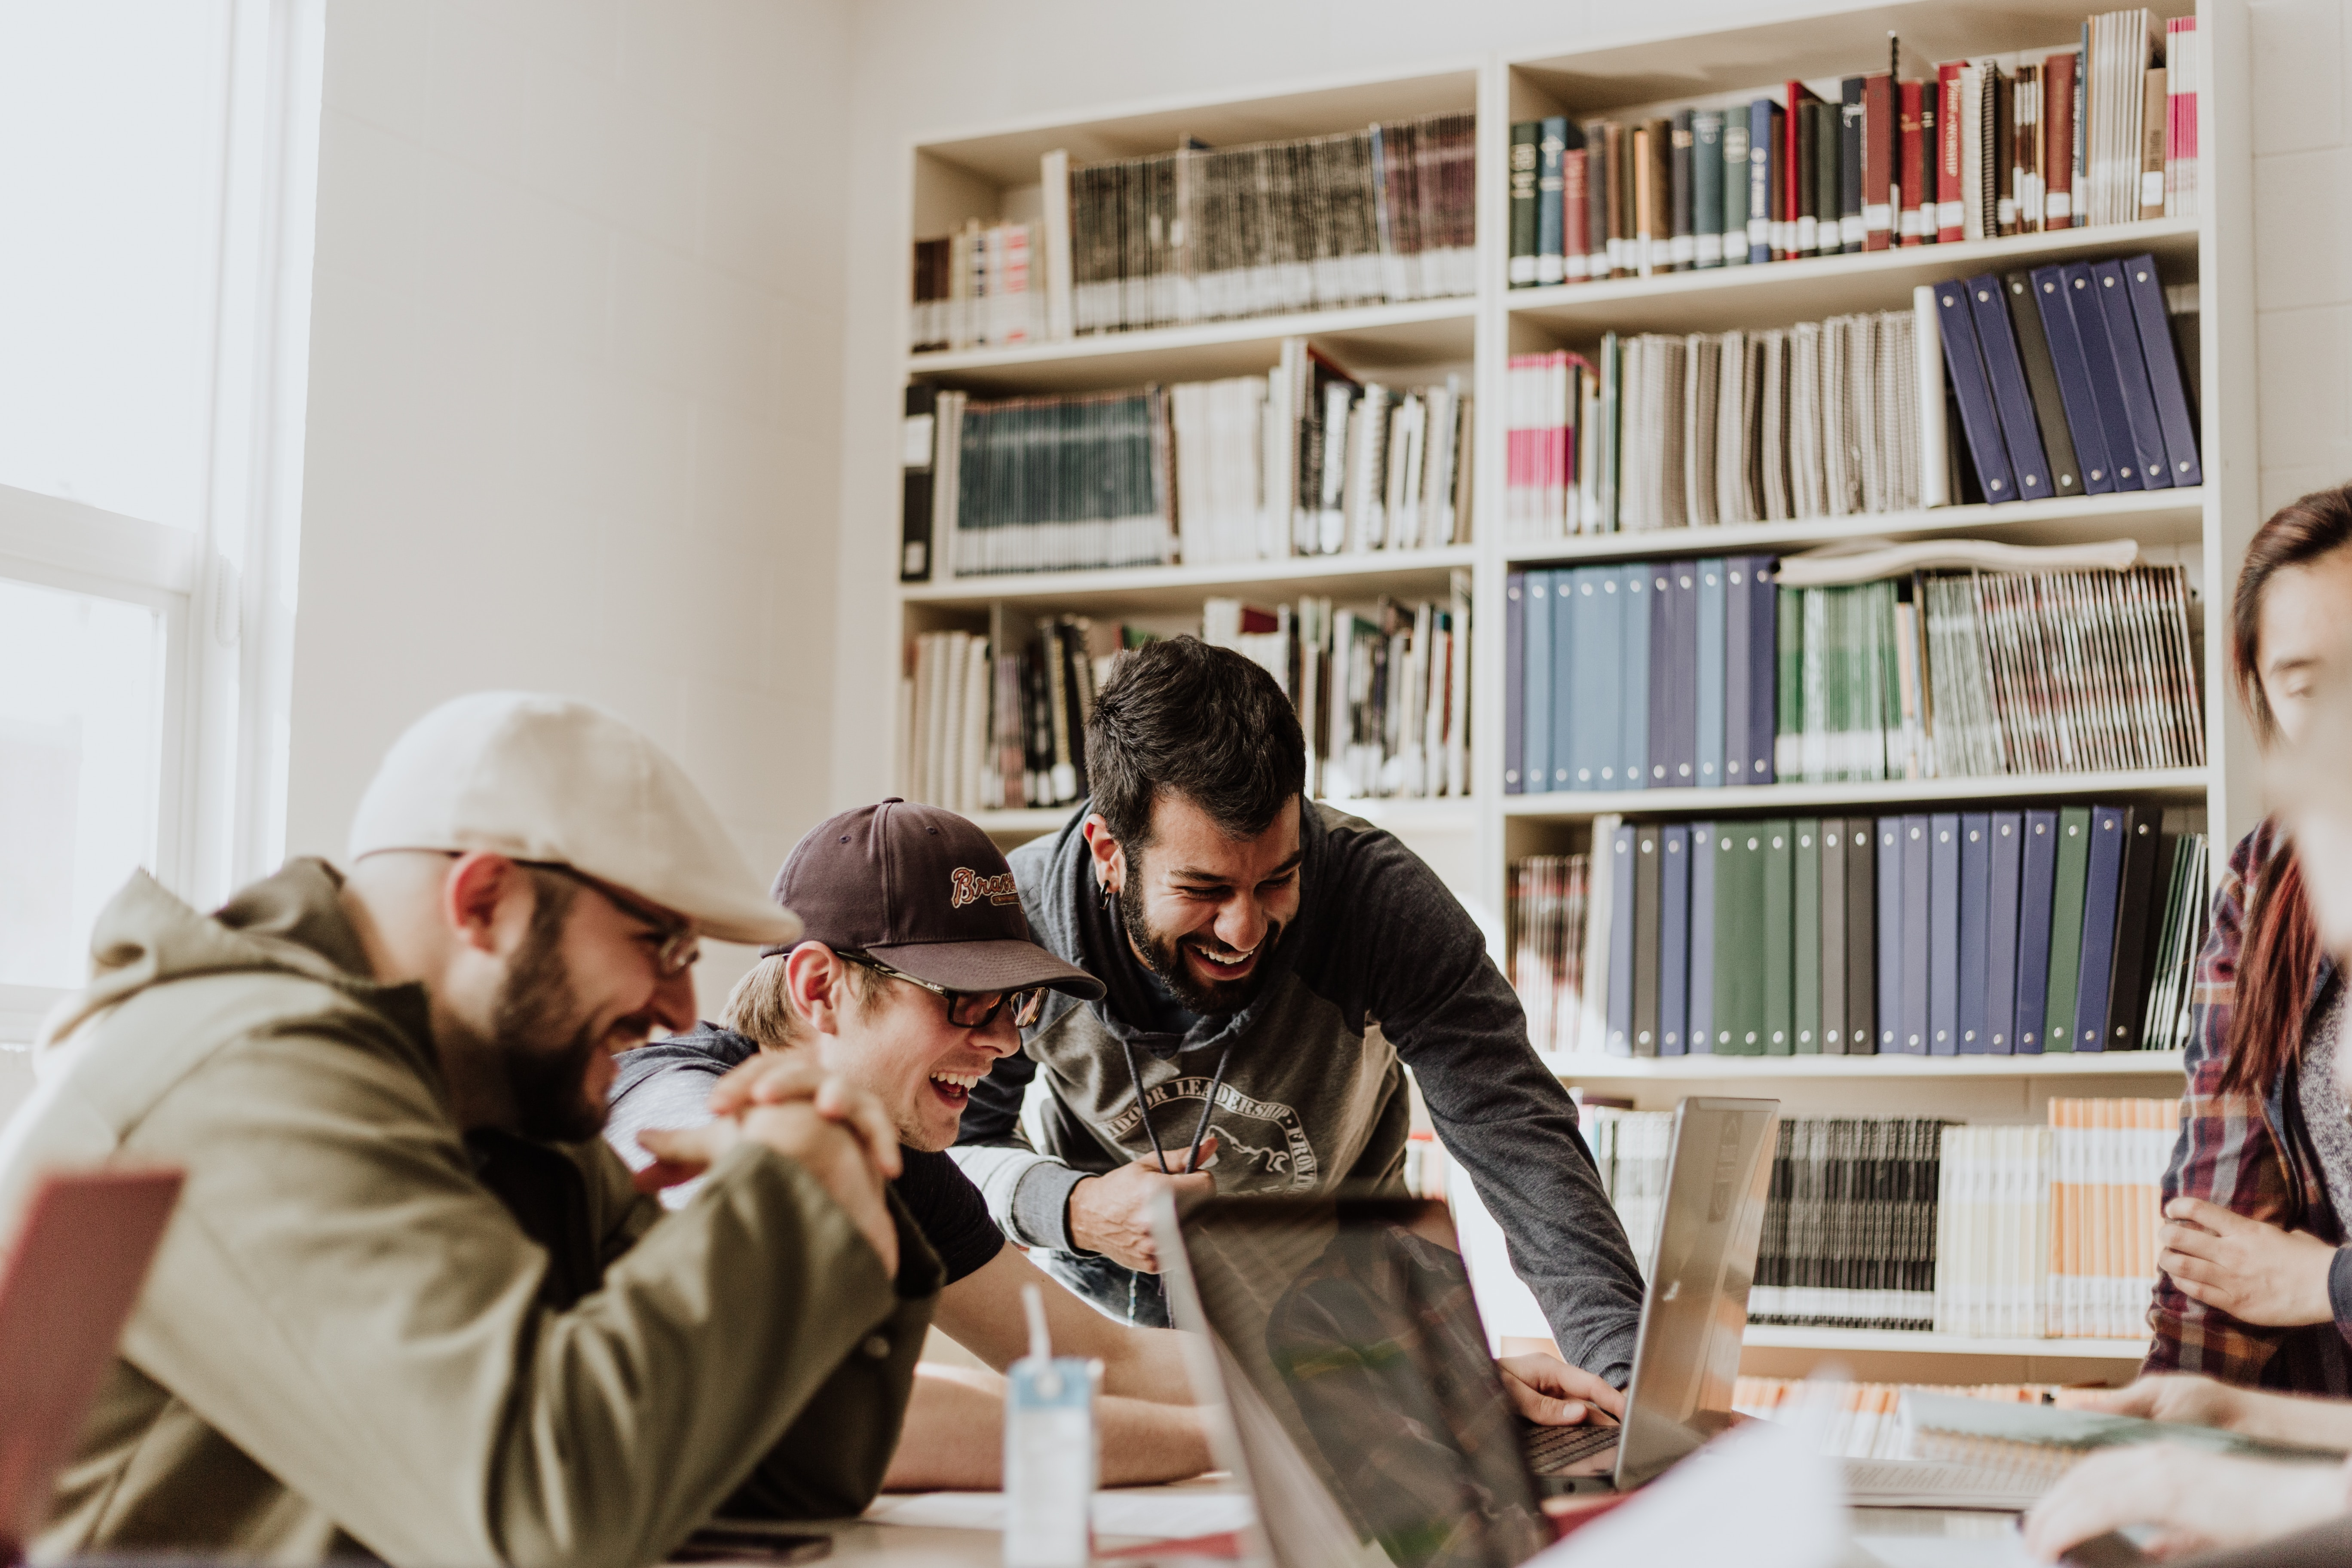 Bild von lachenden Kollegen, die an einem gemeinsamen Projekt arbeiten